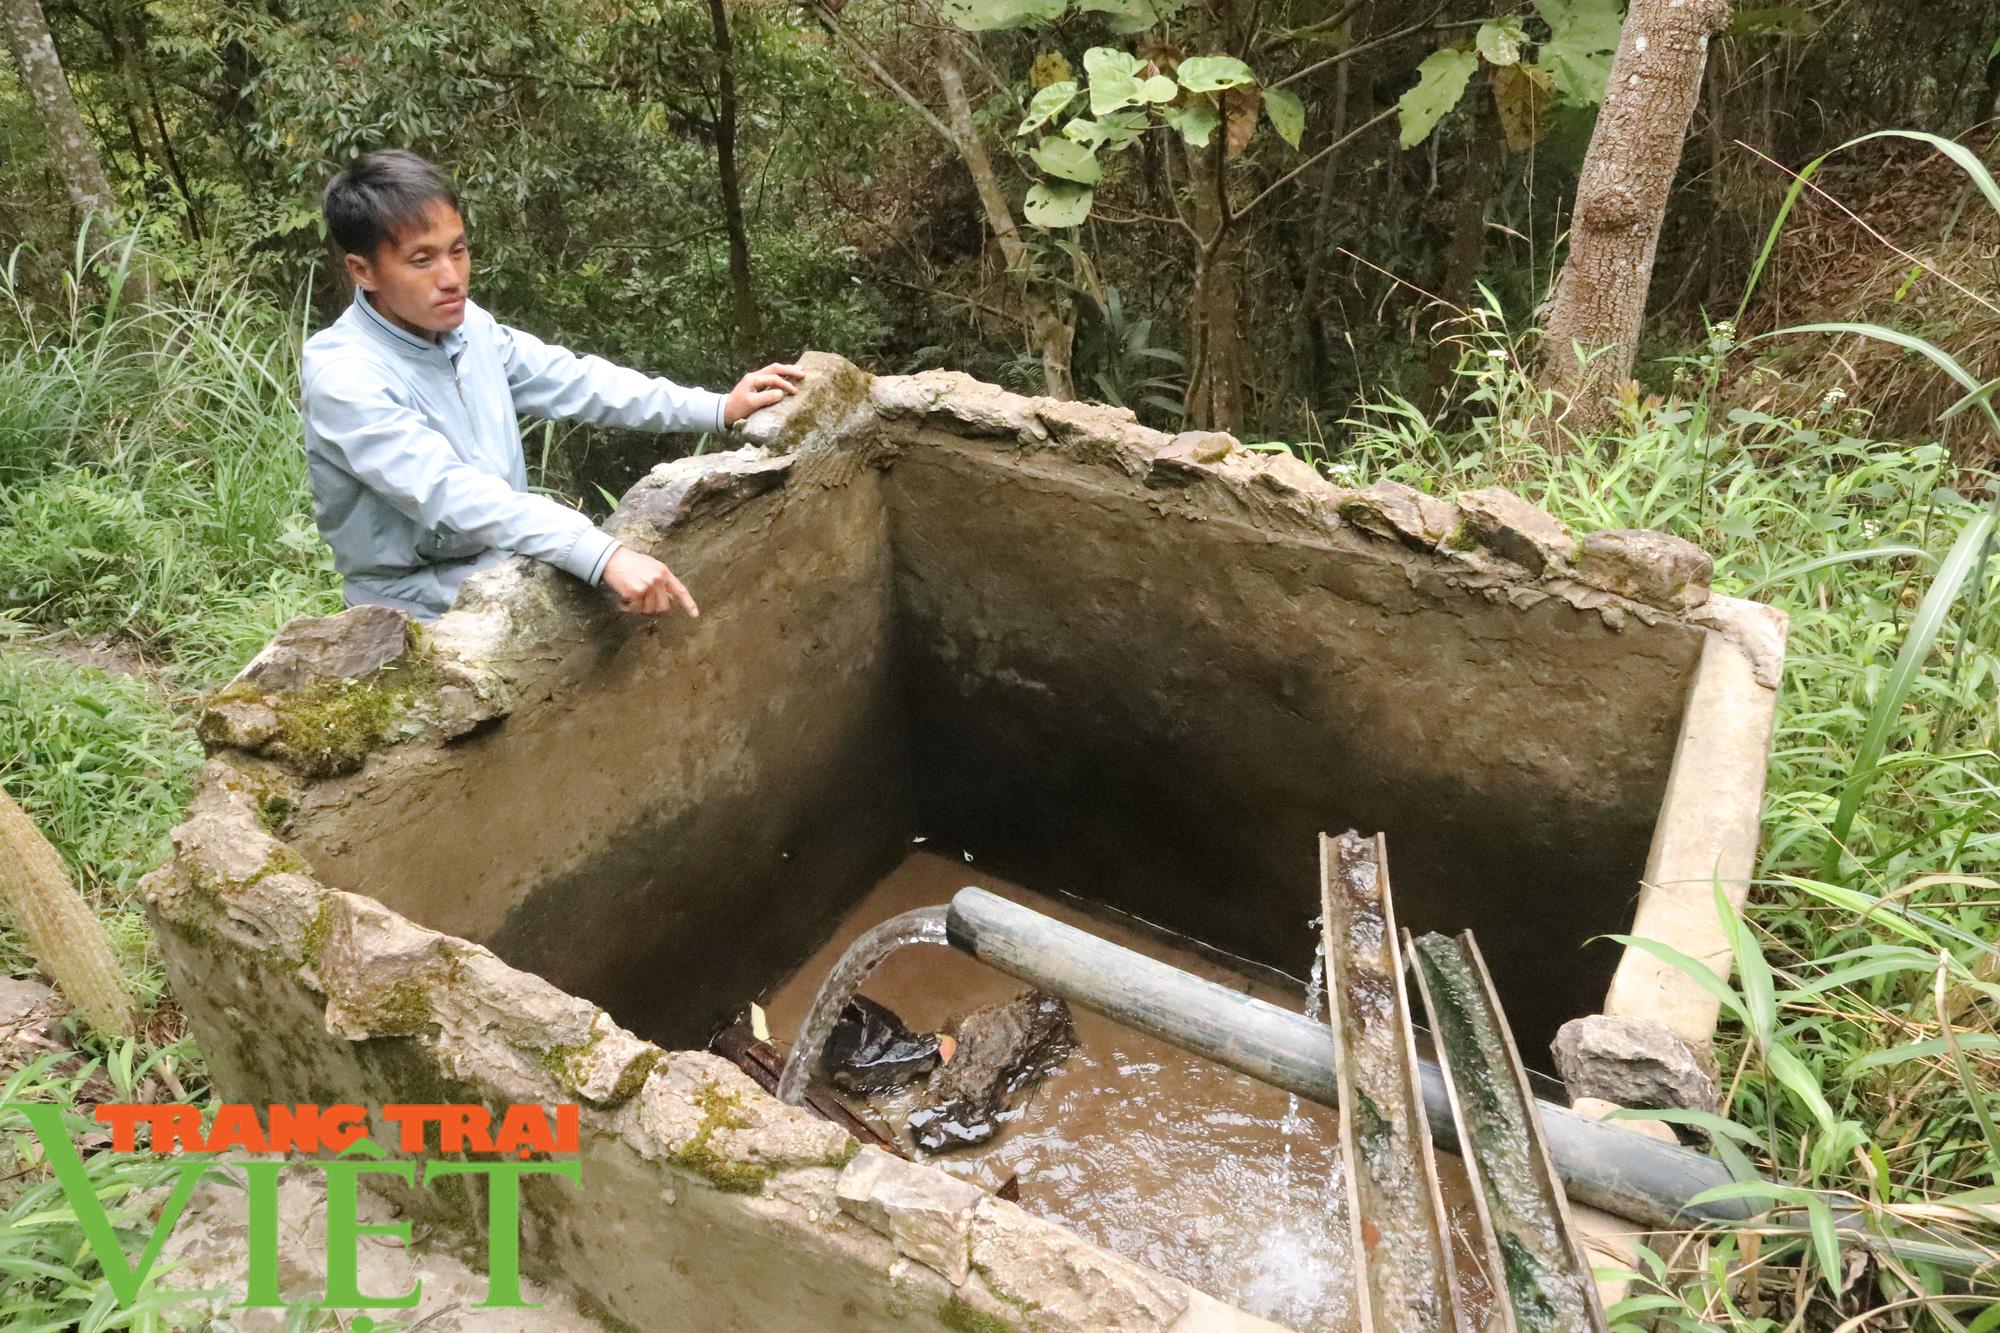 Vụ bán nguồn nước ở Bắc Yên: Bán cả trâu, bò, tích góp gần 2 năm mới trả nợ xong - Ảnh 3.